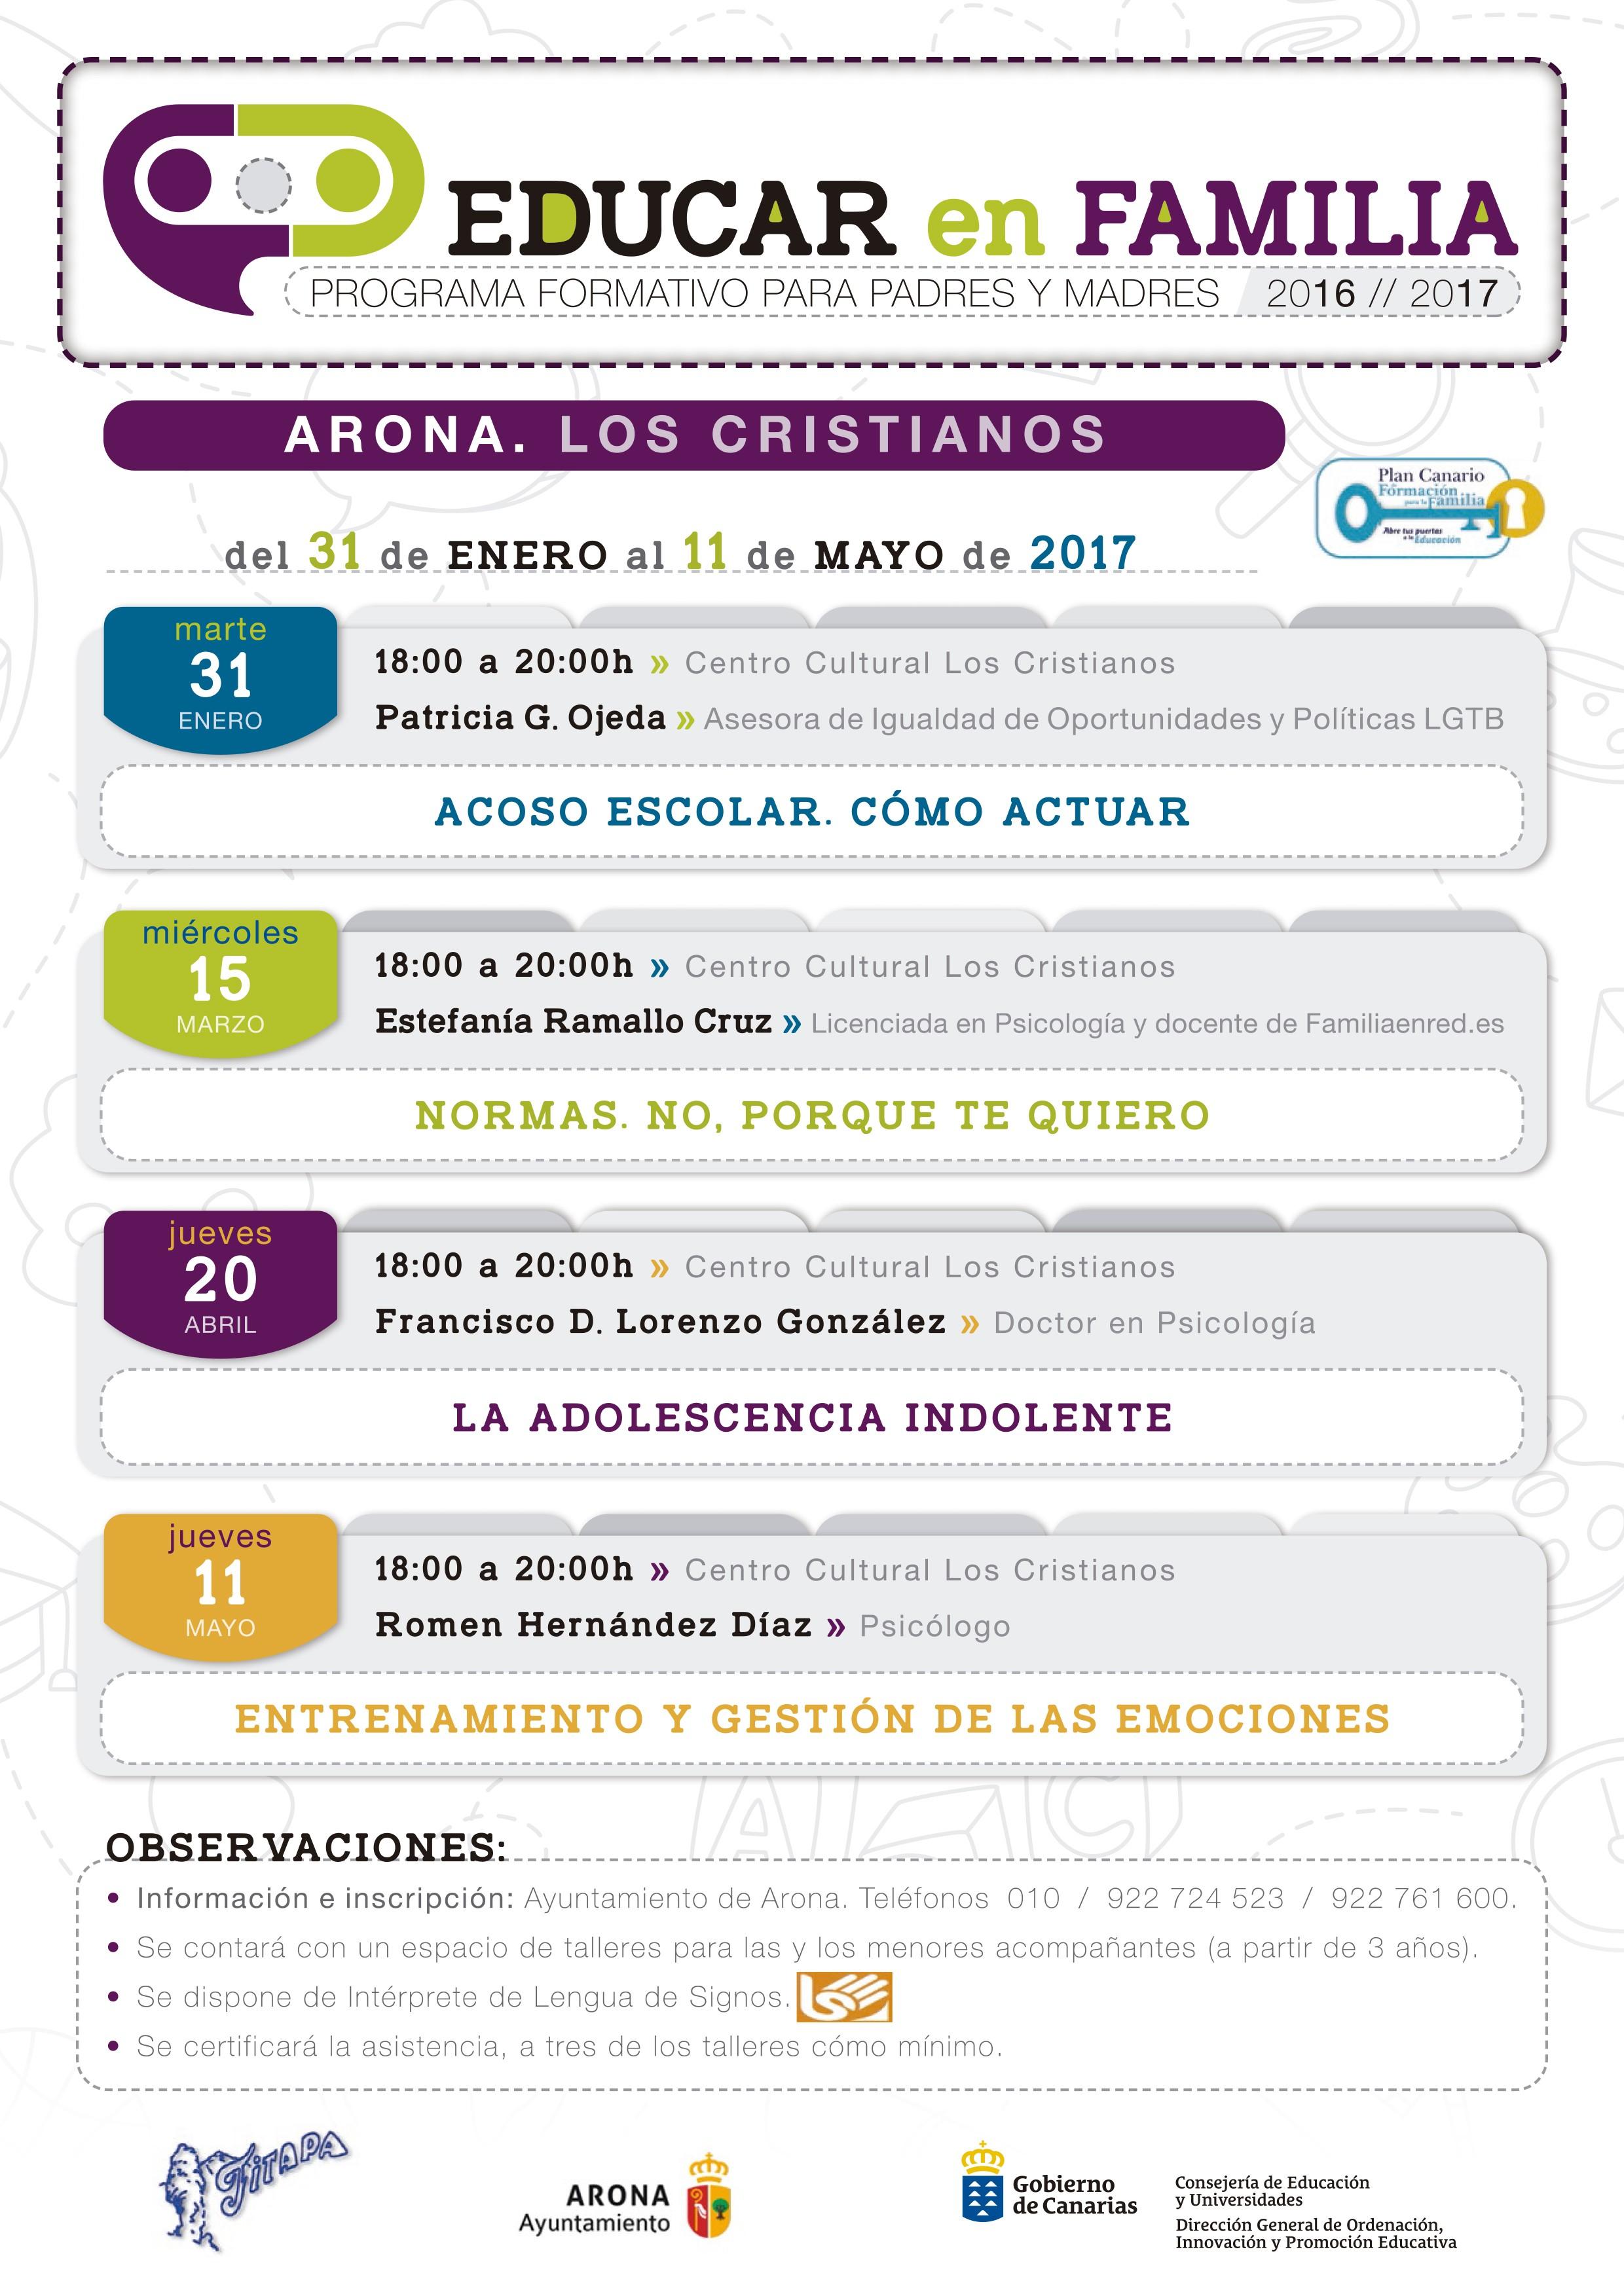 Arona Los Cristianos 2